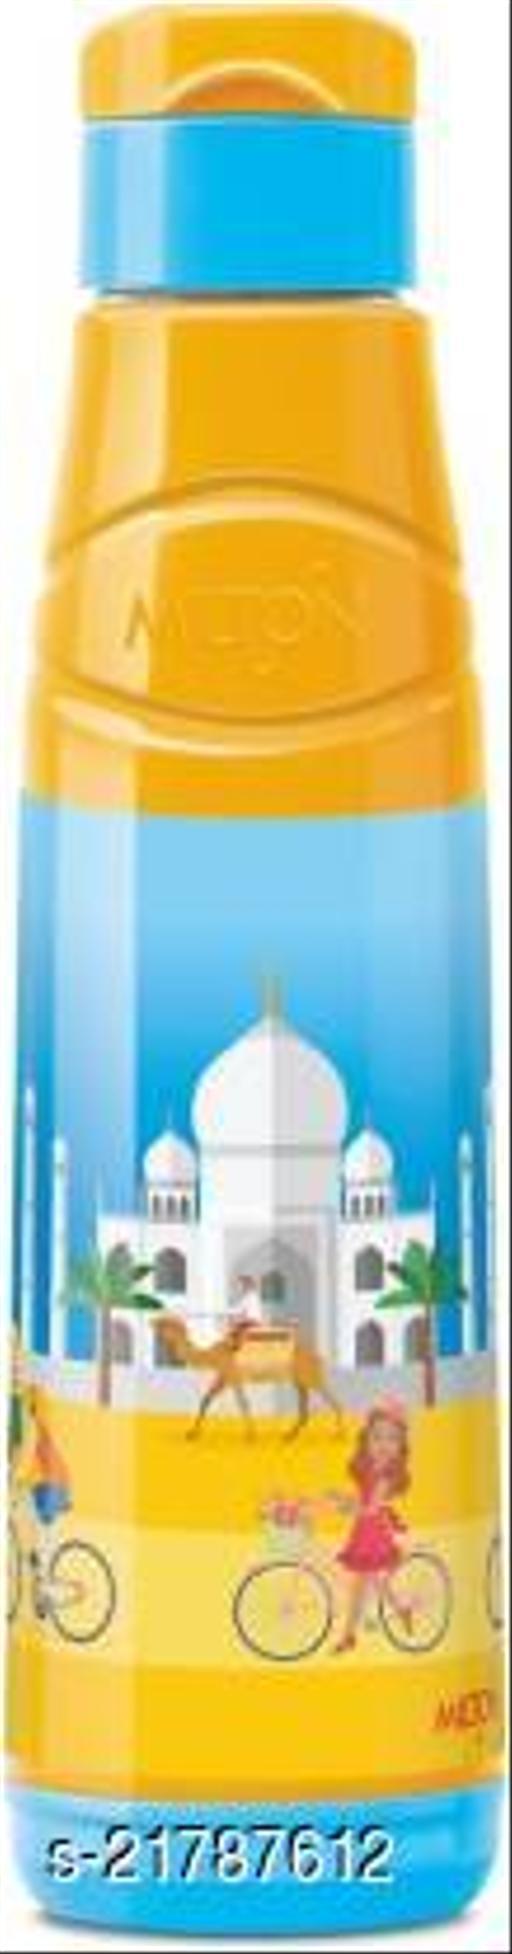 Milton Kool Fun 900 School Water Bottle for Kids, 704 ml, Yellow